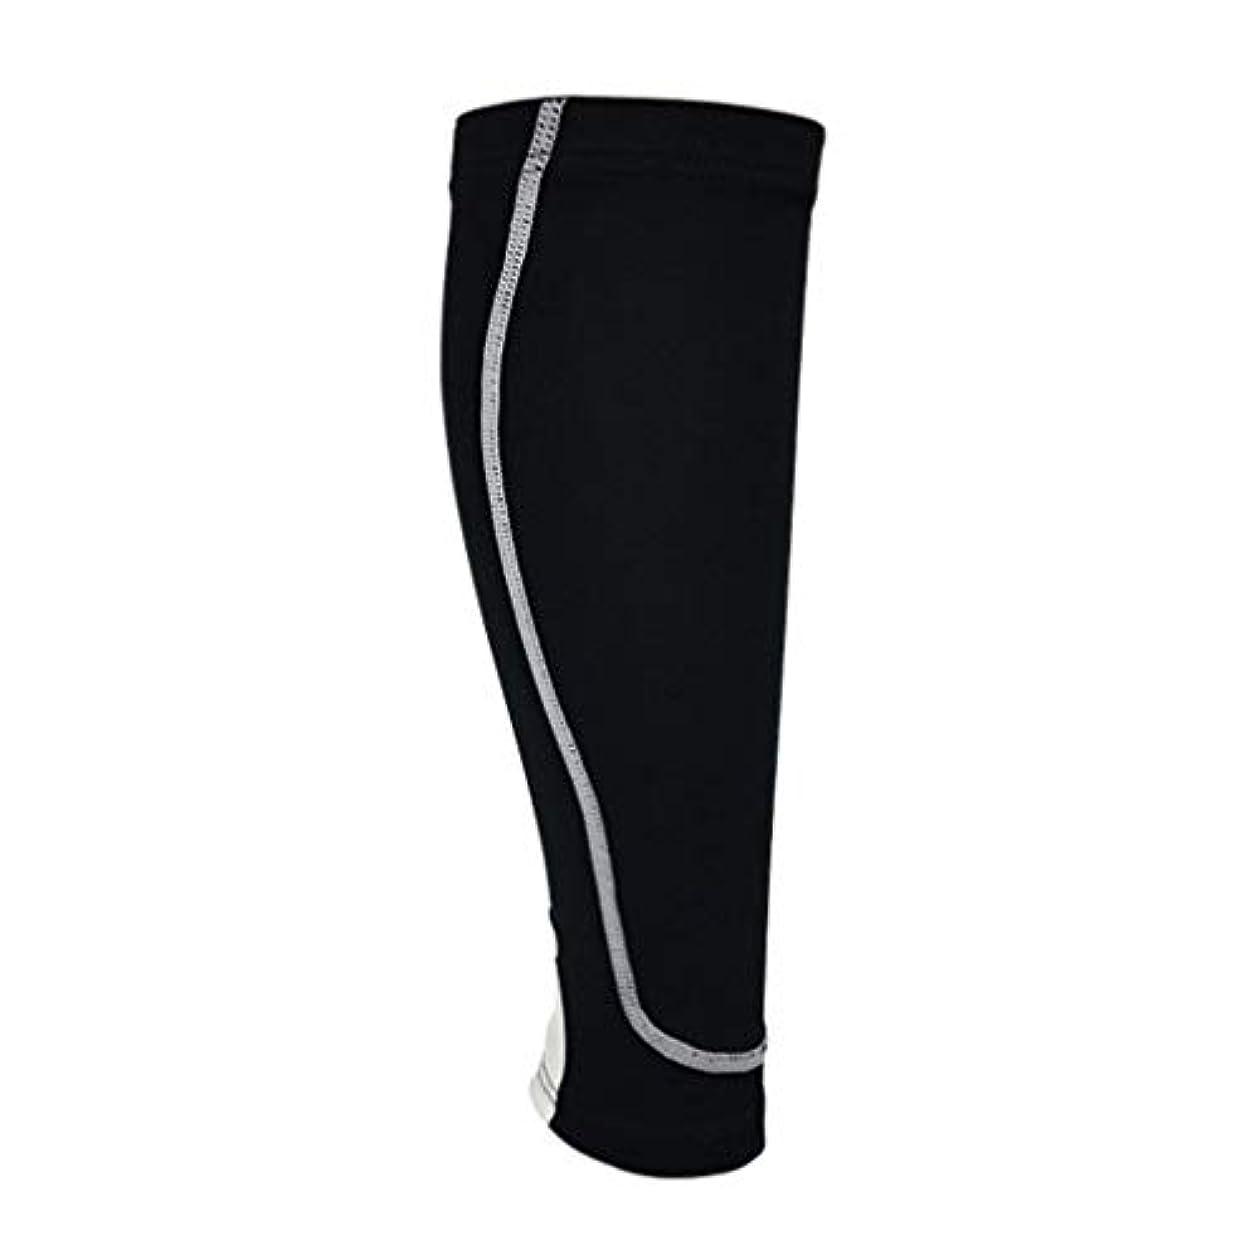 ダンプカウンタサポート伸縮性がある足はスポーツのための足の袖の換気の圧縮の足のパッドを暖めます-Rustle666